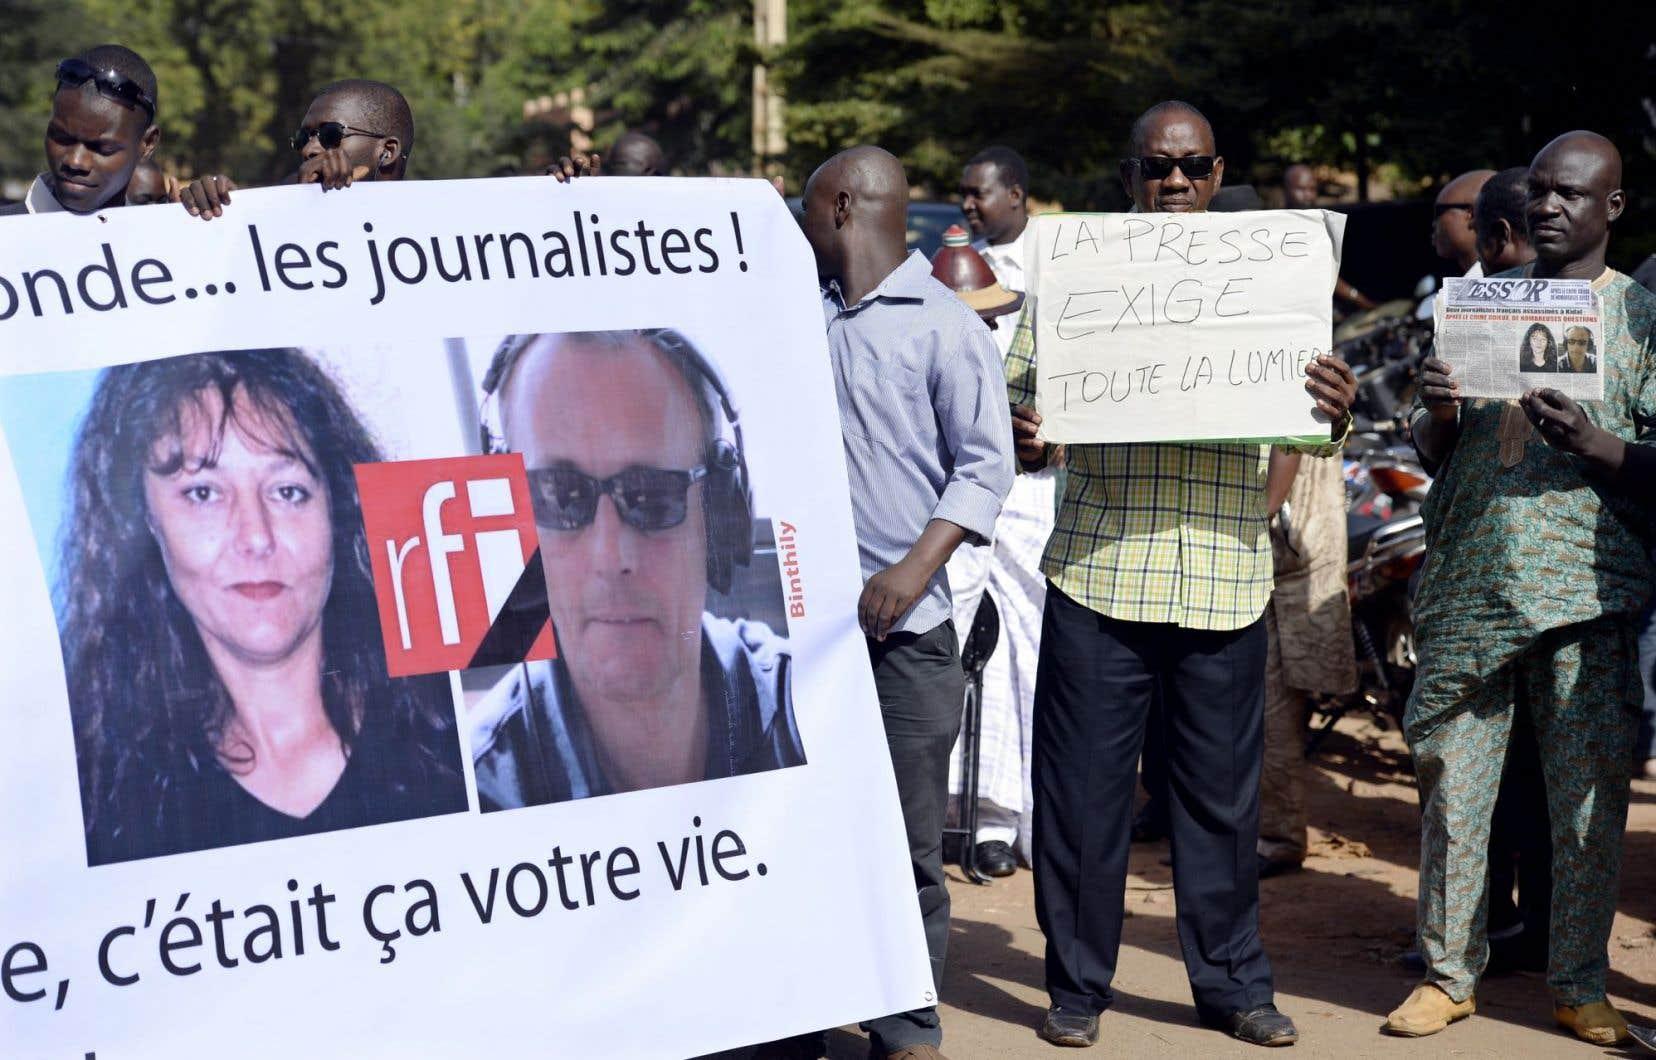 Deux journalistes de RFI sont morts au Mali en 2013. Le média a ensuite décidé de mieux préparer les envoyés spéciaux.